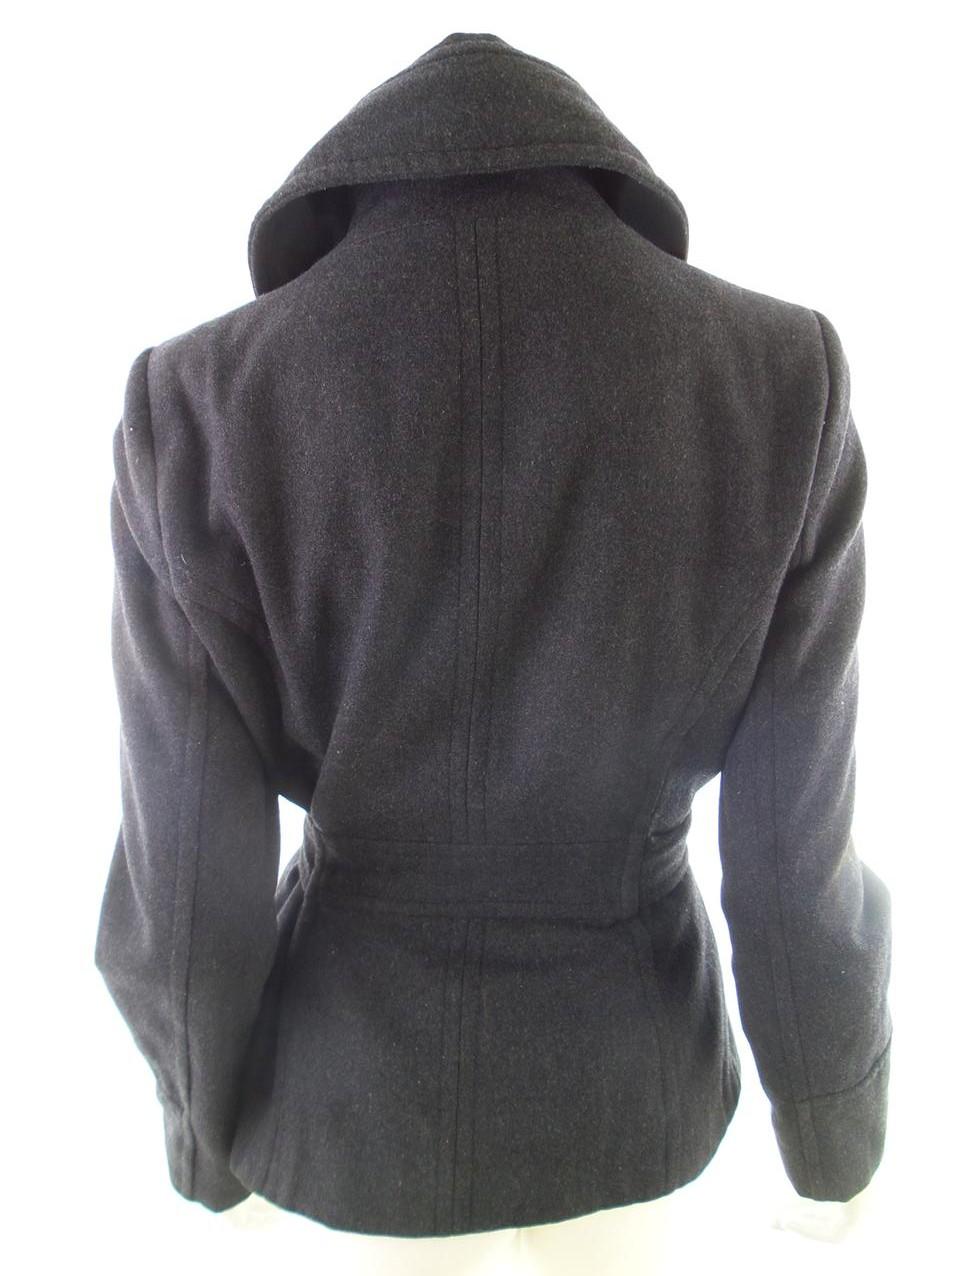 Zara nowa kolekcja płaszcz, kratka, wełna M Zdjęcie na imgED